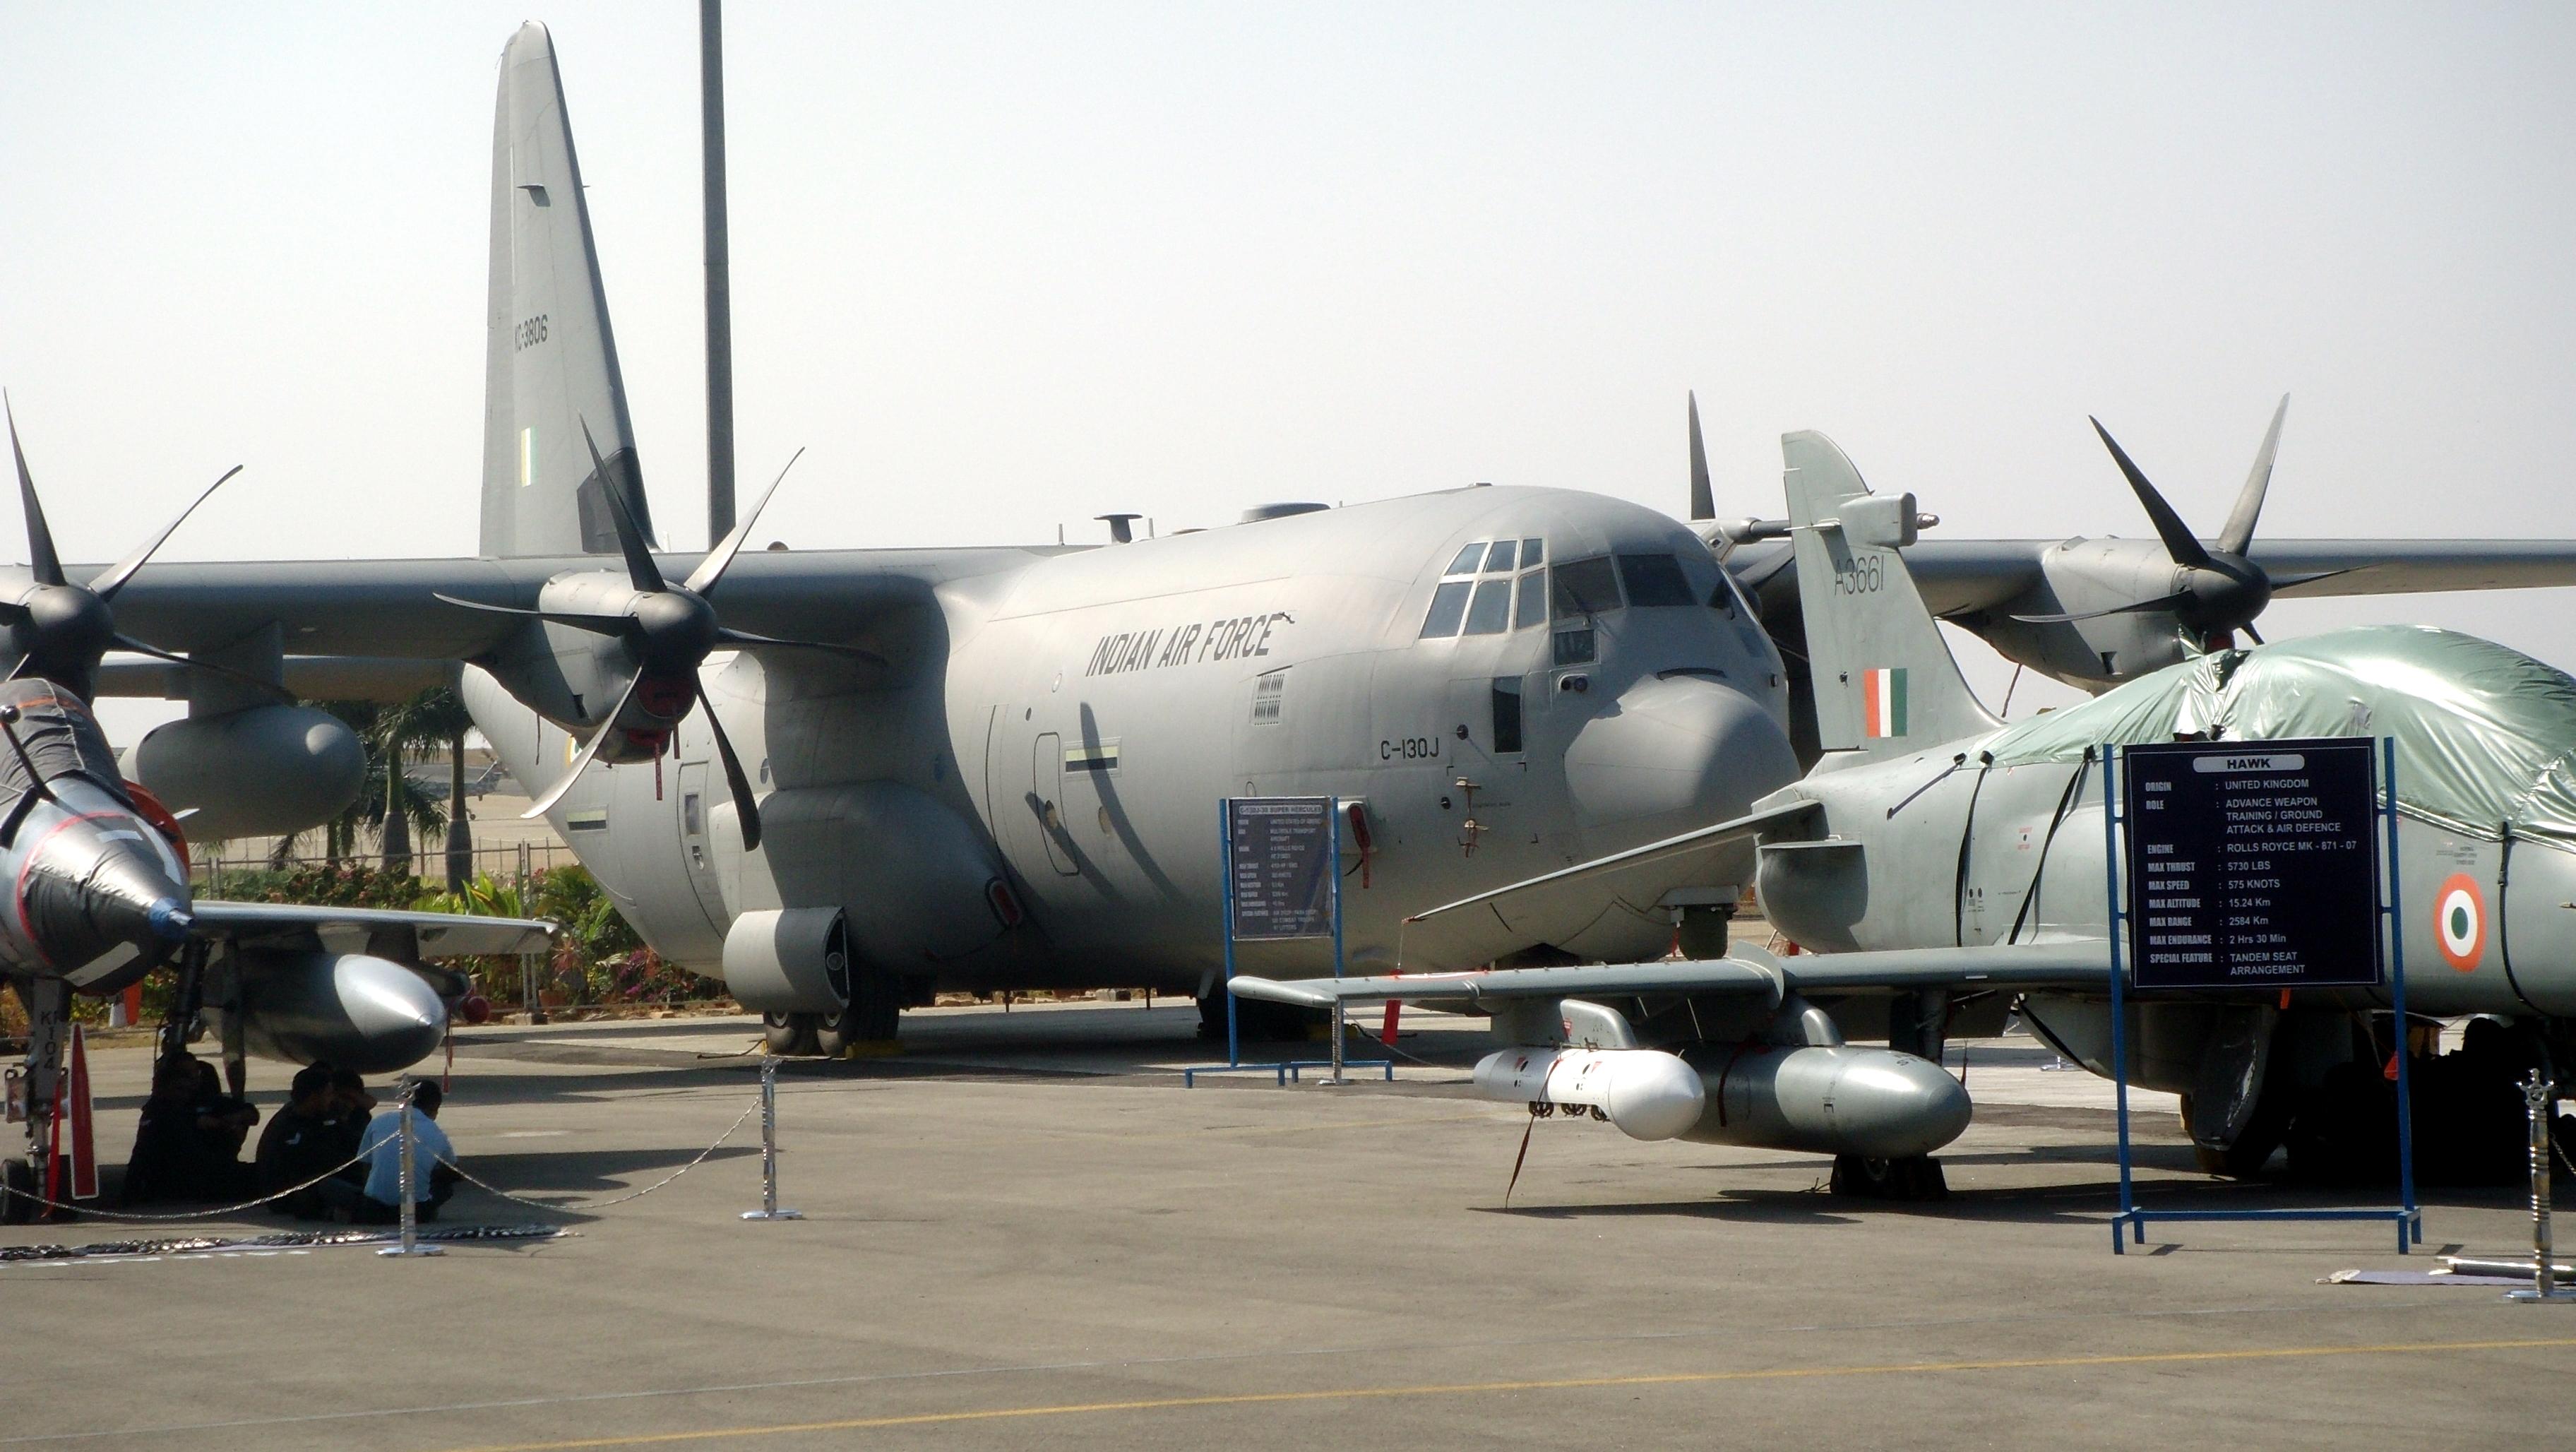 インド空軍の戦術輸送機「C-130J ...